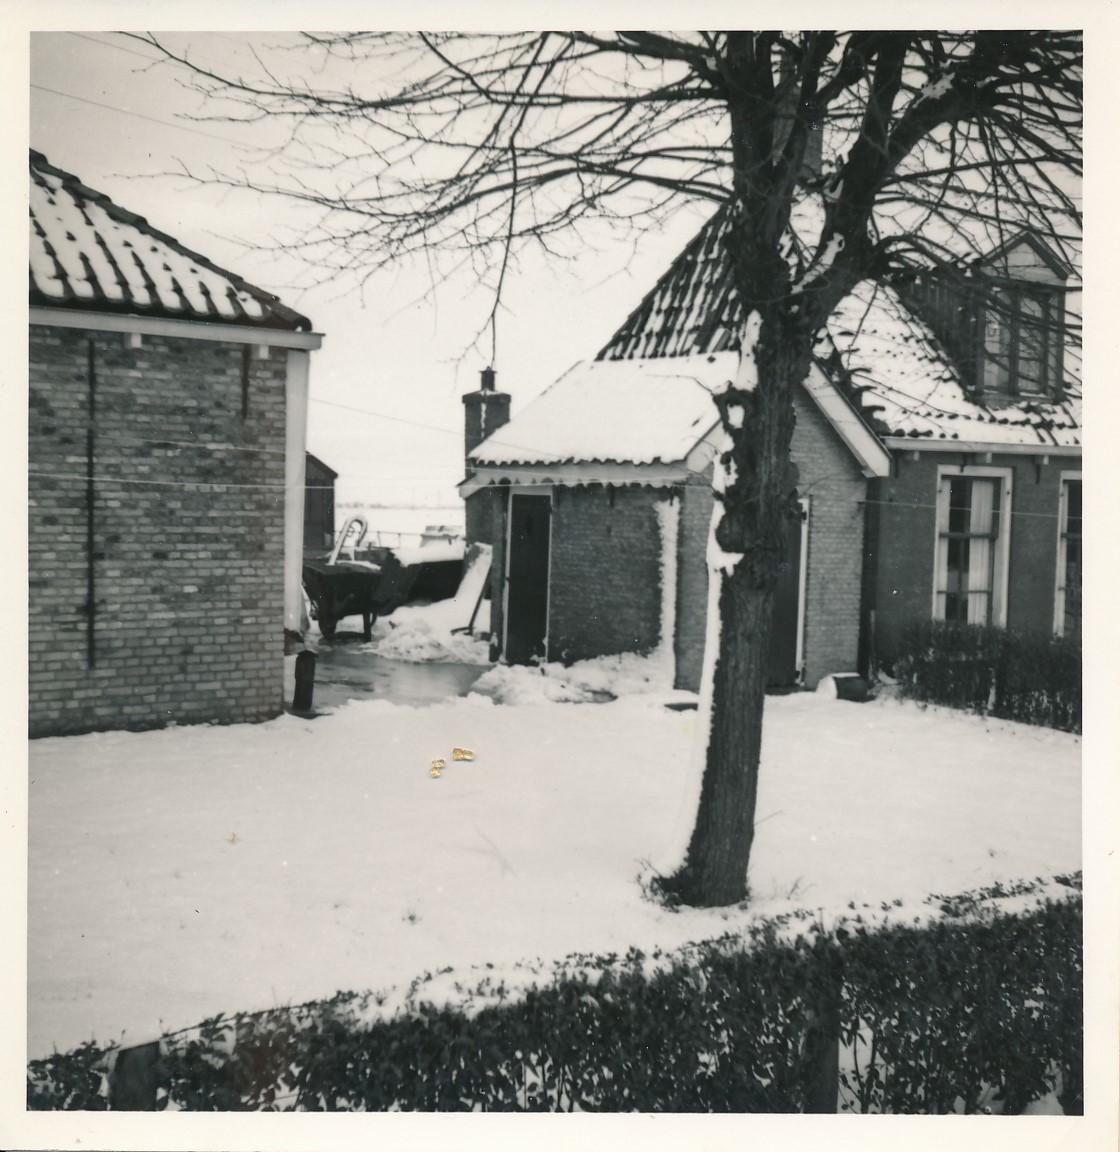 Fotoalbum Andre Kamsma, 068, Dilledyk, hûs fan Hieke Kamsma, 1955-1956